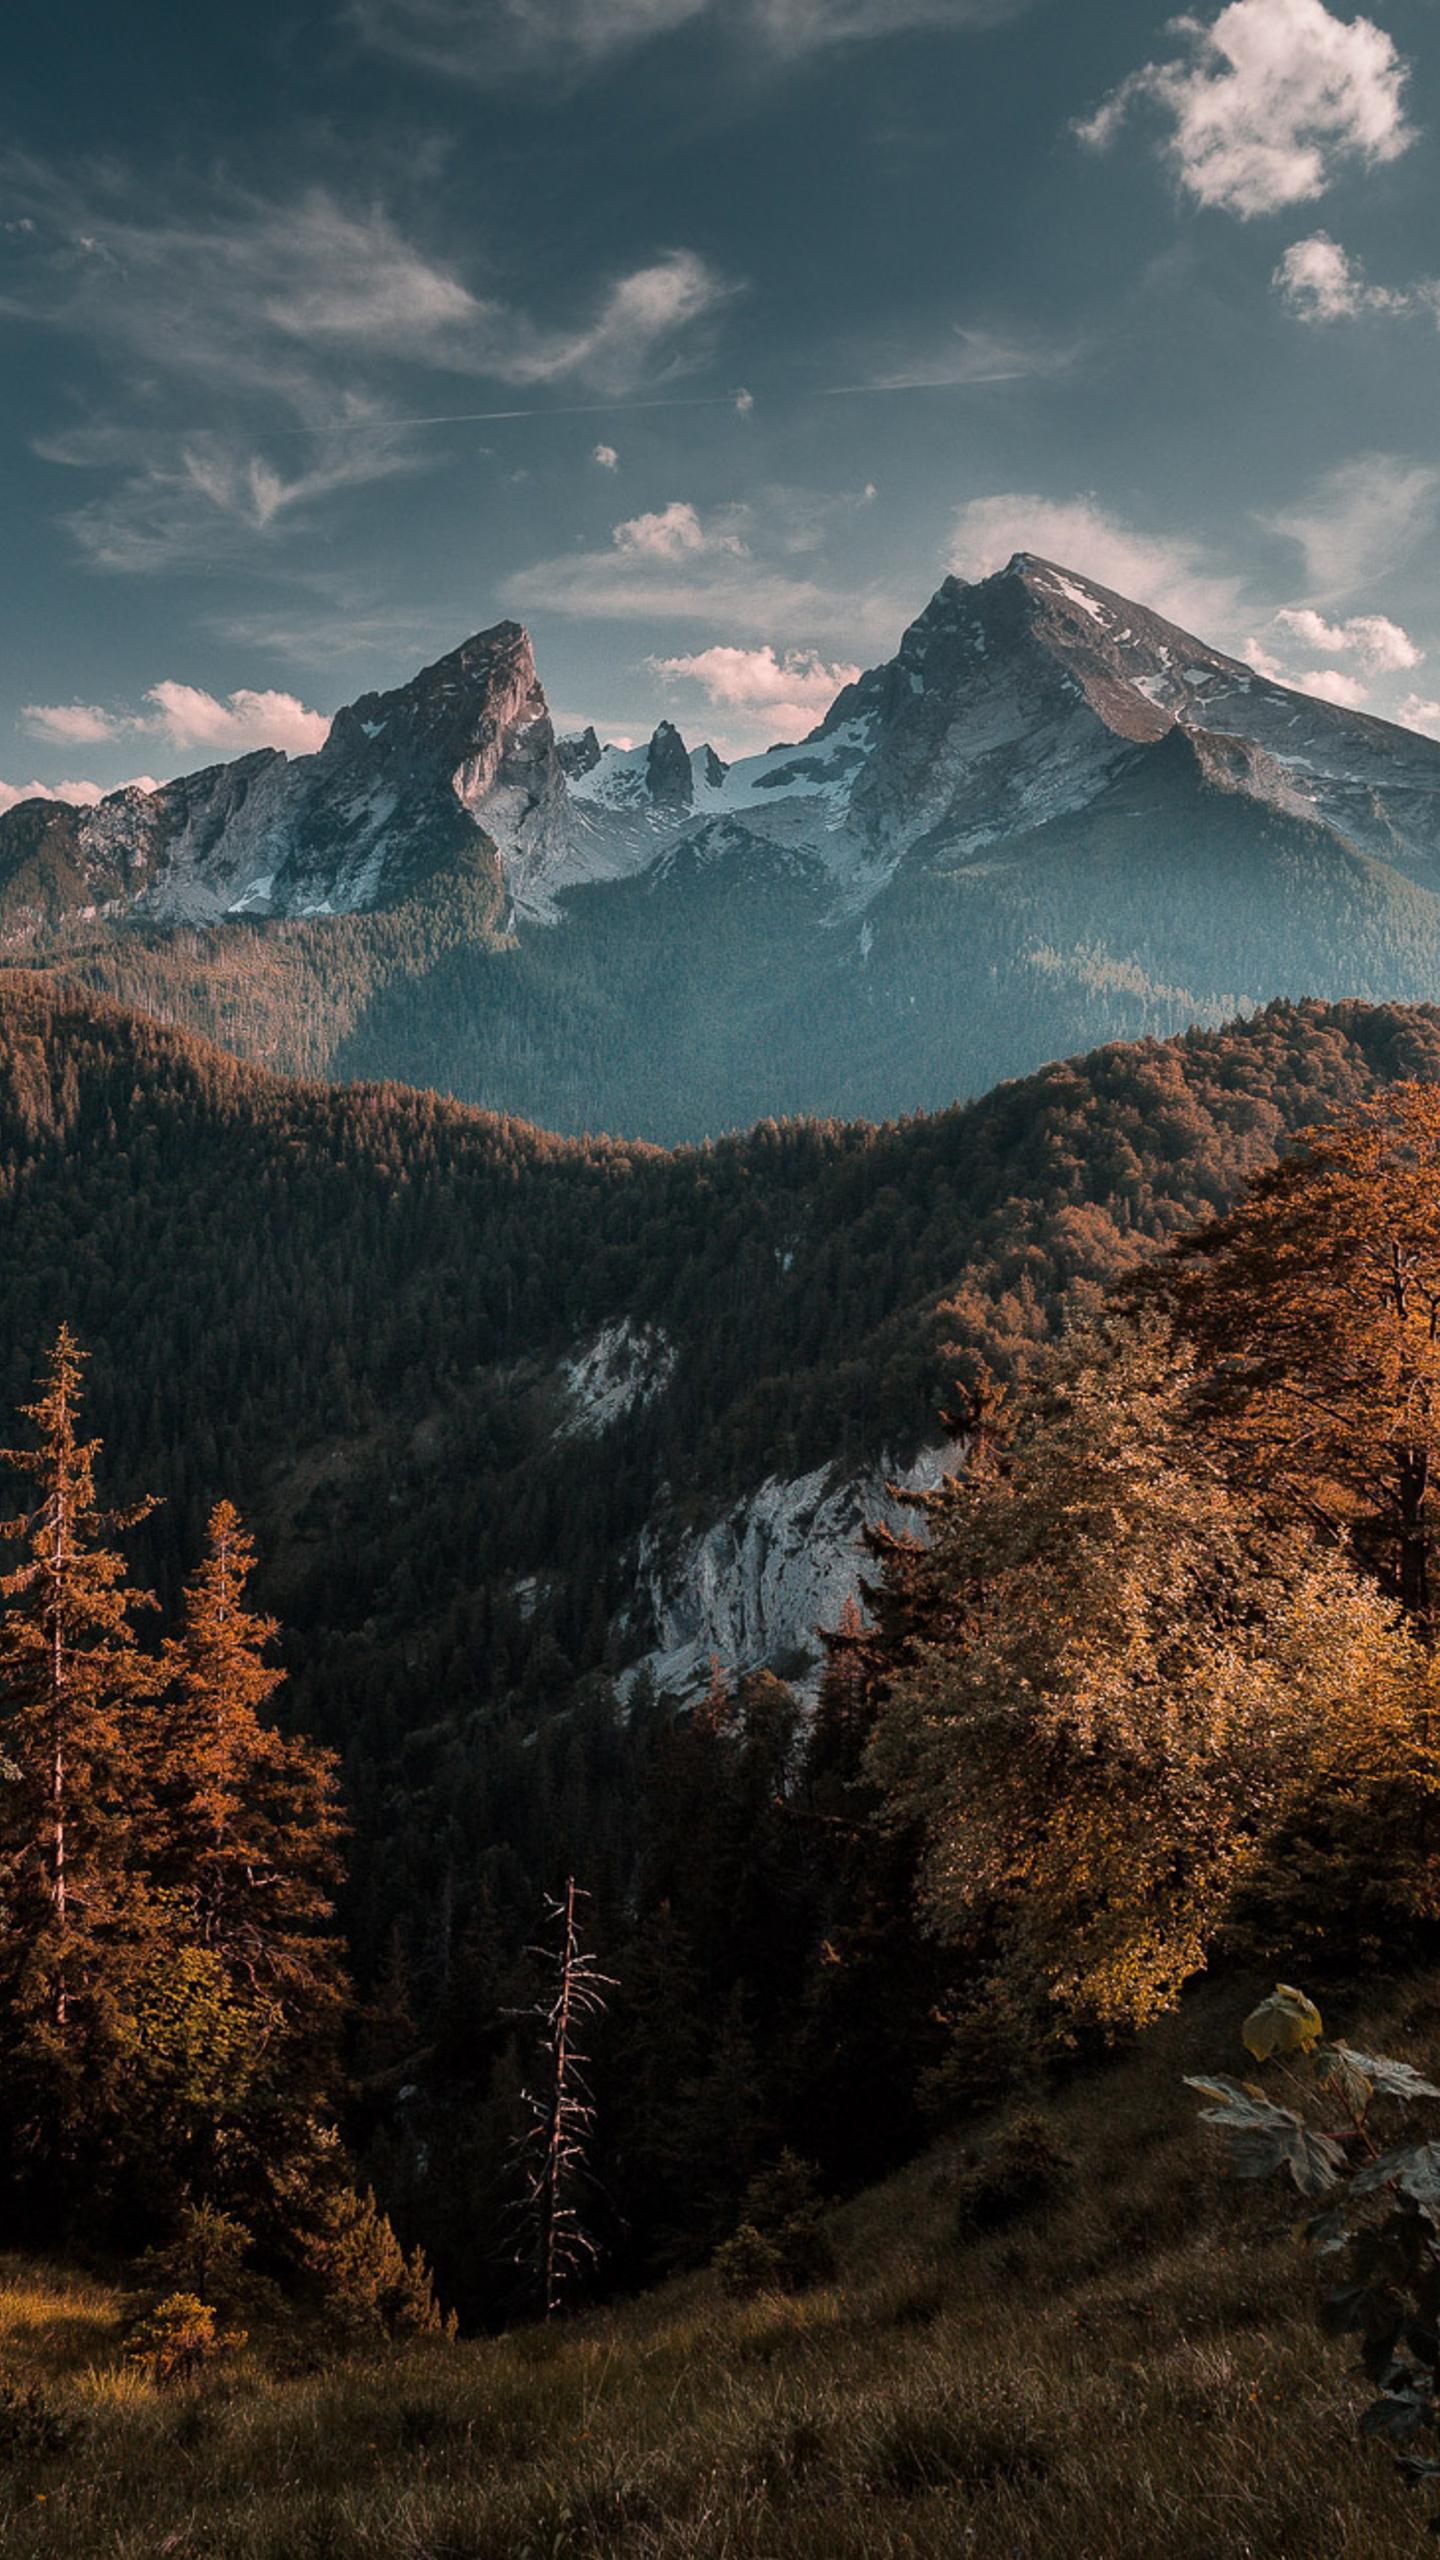 forest-mountains-3v.jpg